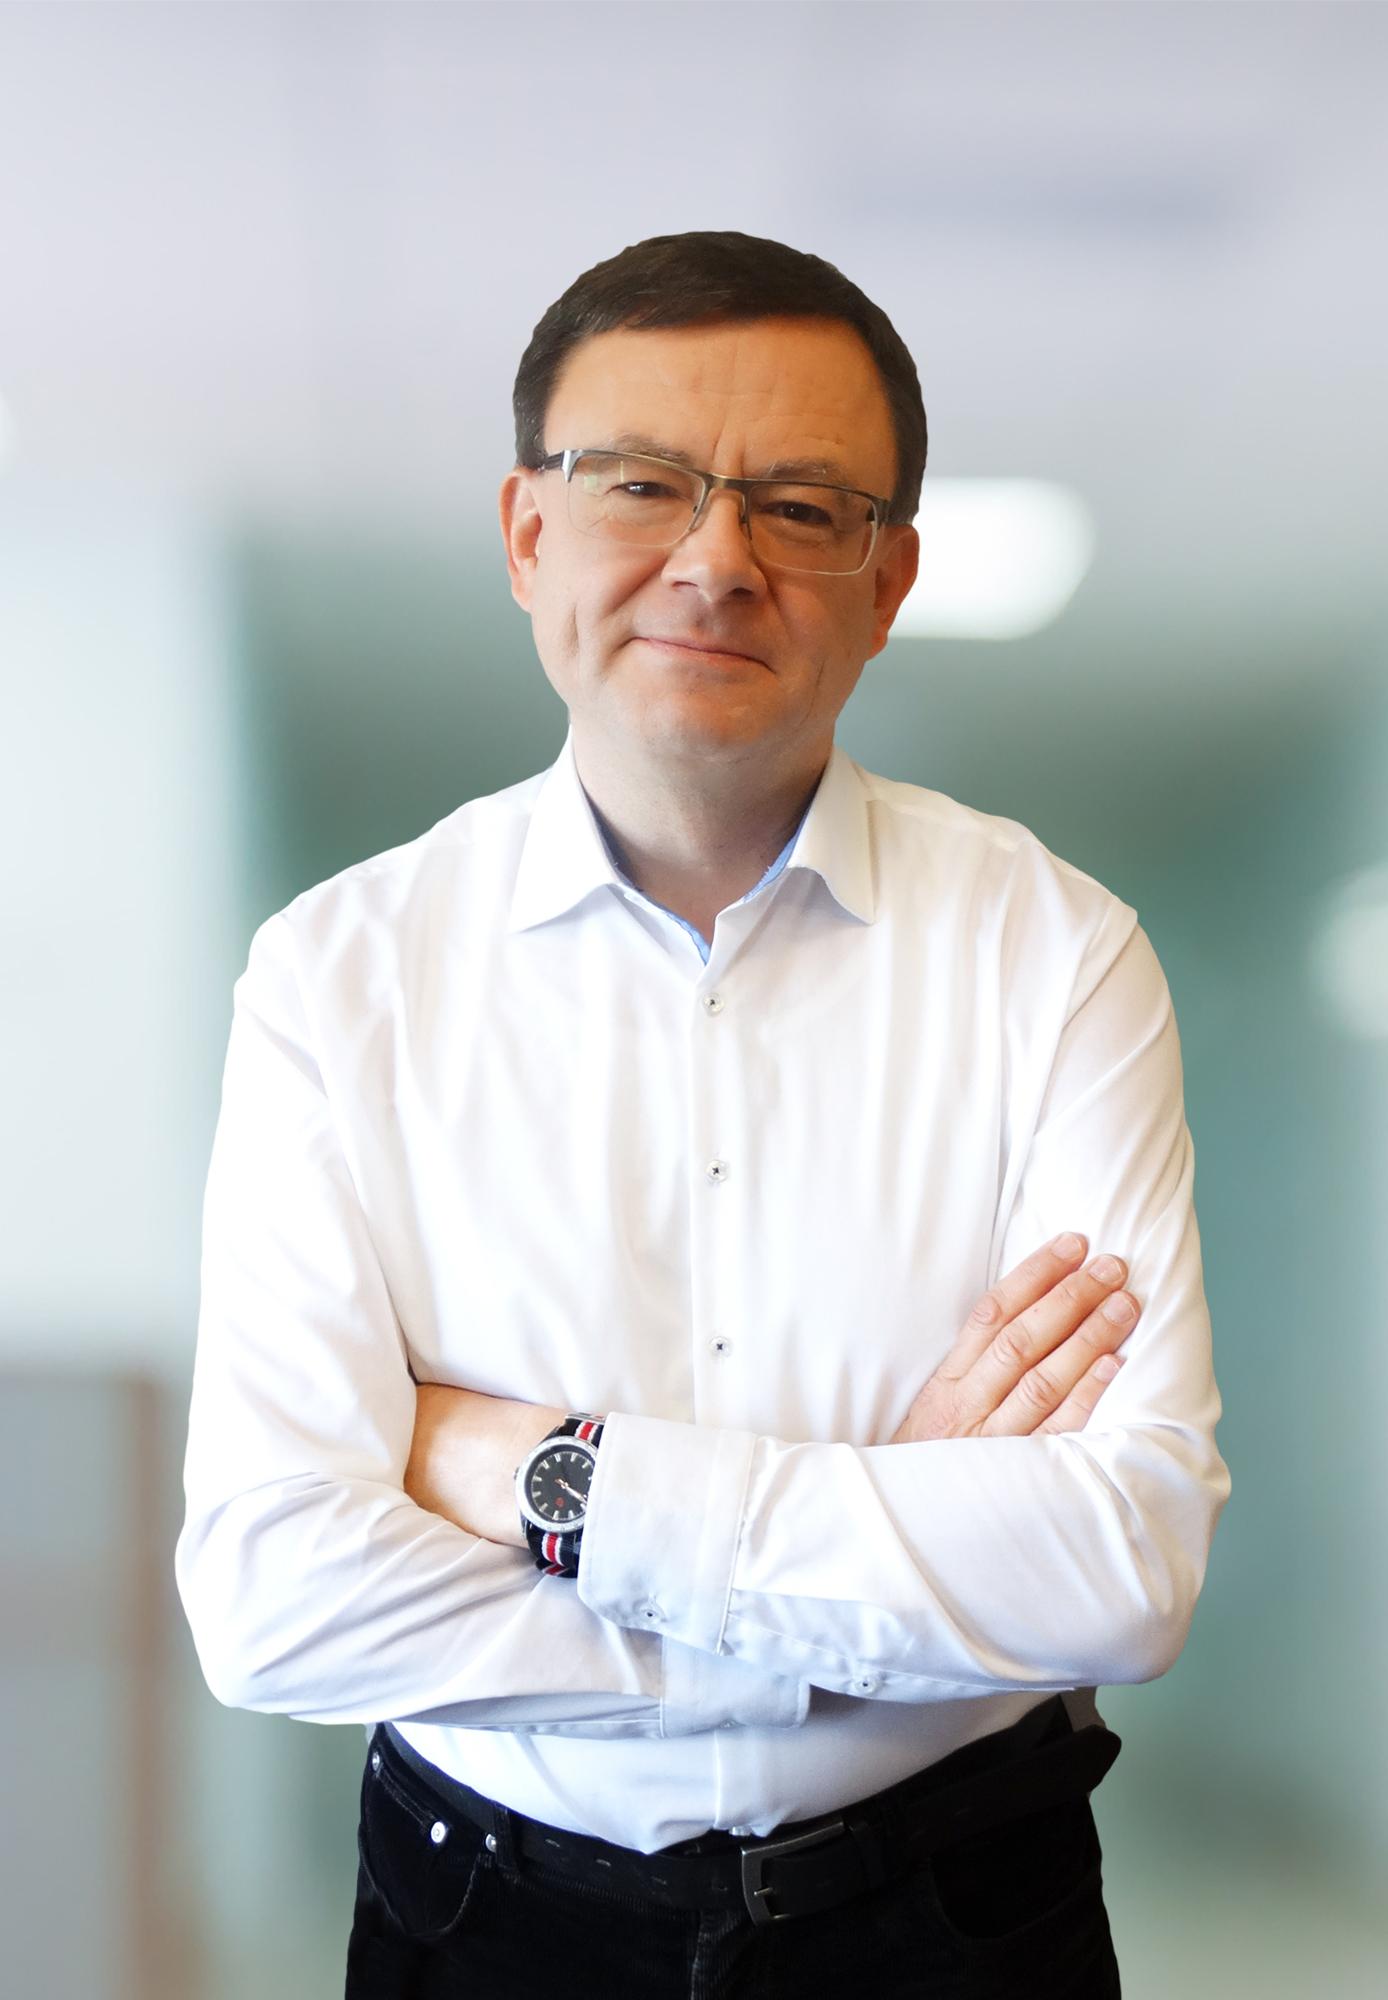 Dr hab. n. med. Babiak to doświadczony specjalista w leczeniu schorzeń stawu biodrowego i kolanowego.